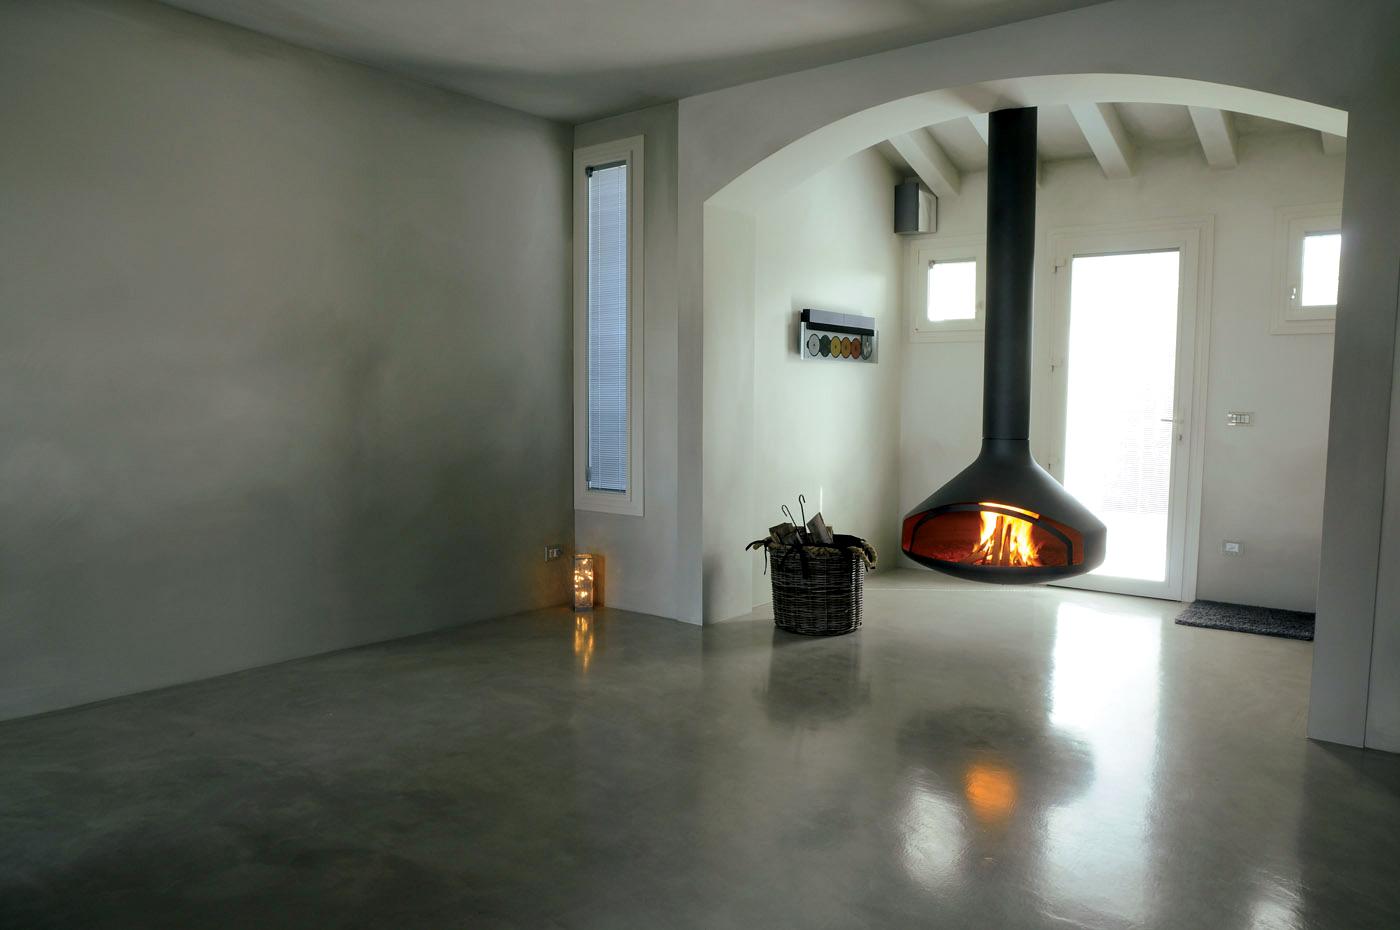 Offerte pavimenti in resina bologna leef for Immagini di pavimenti per interni